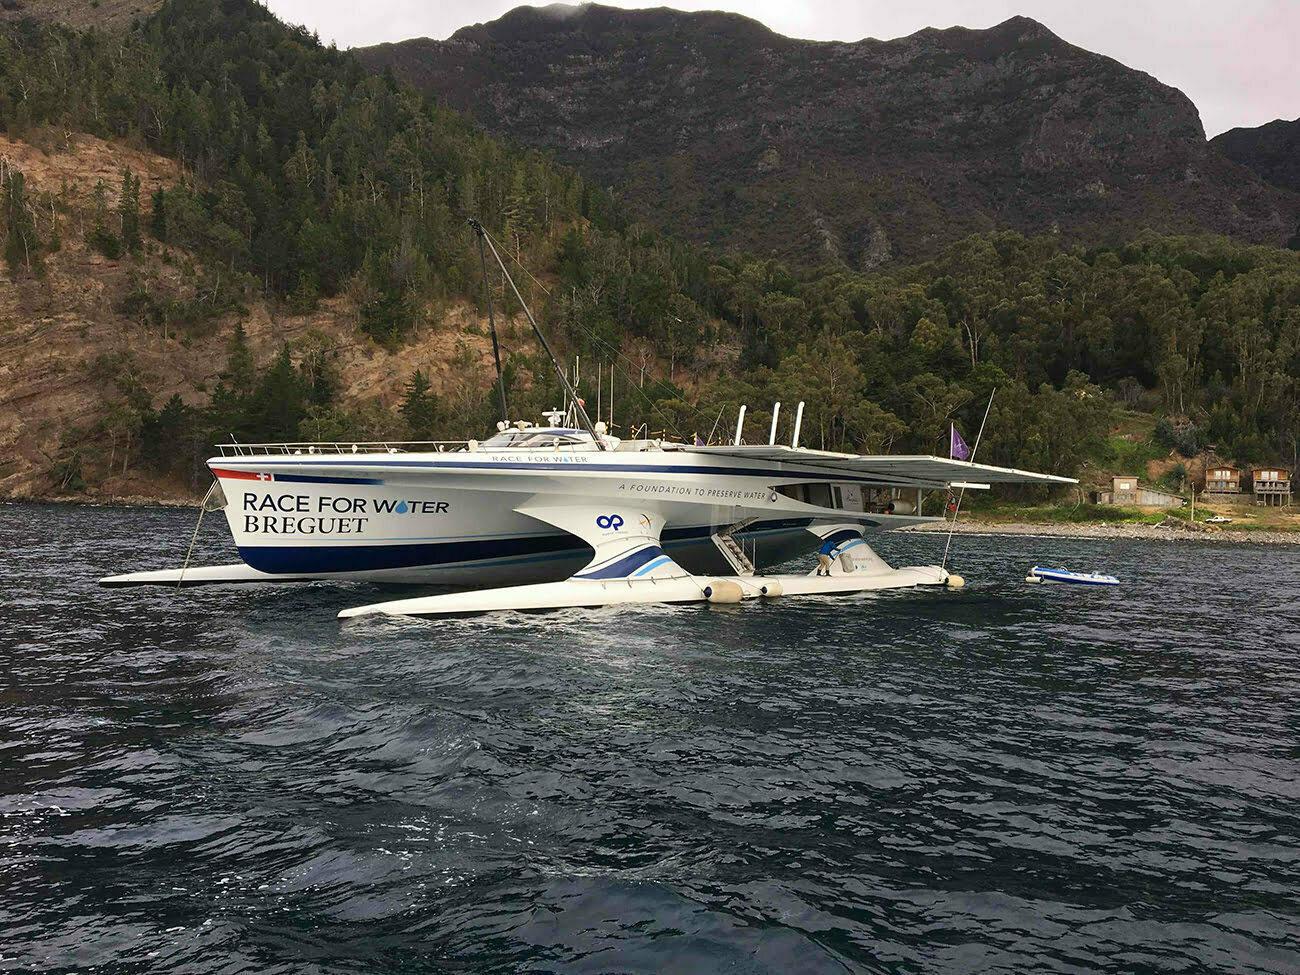 Imagem do veleiro Race for Water